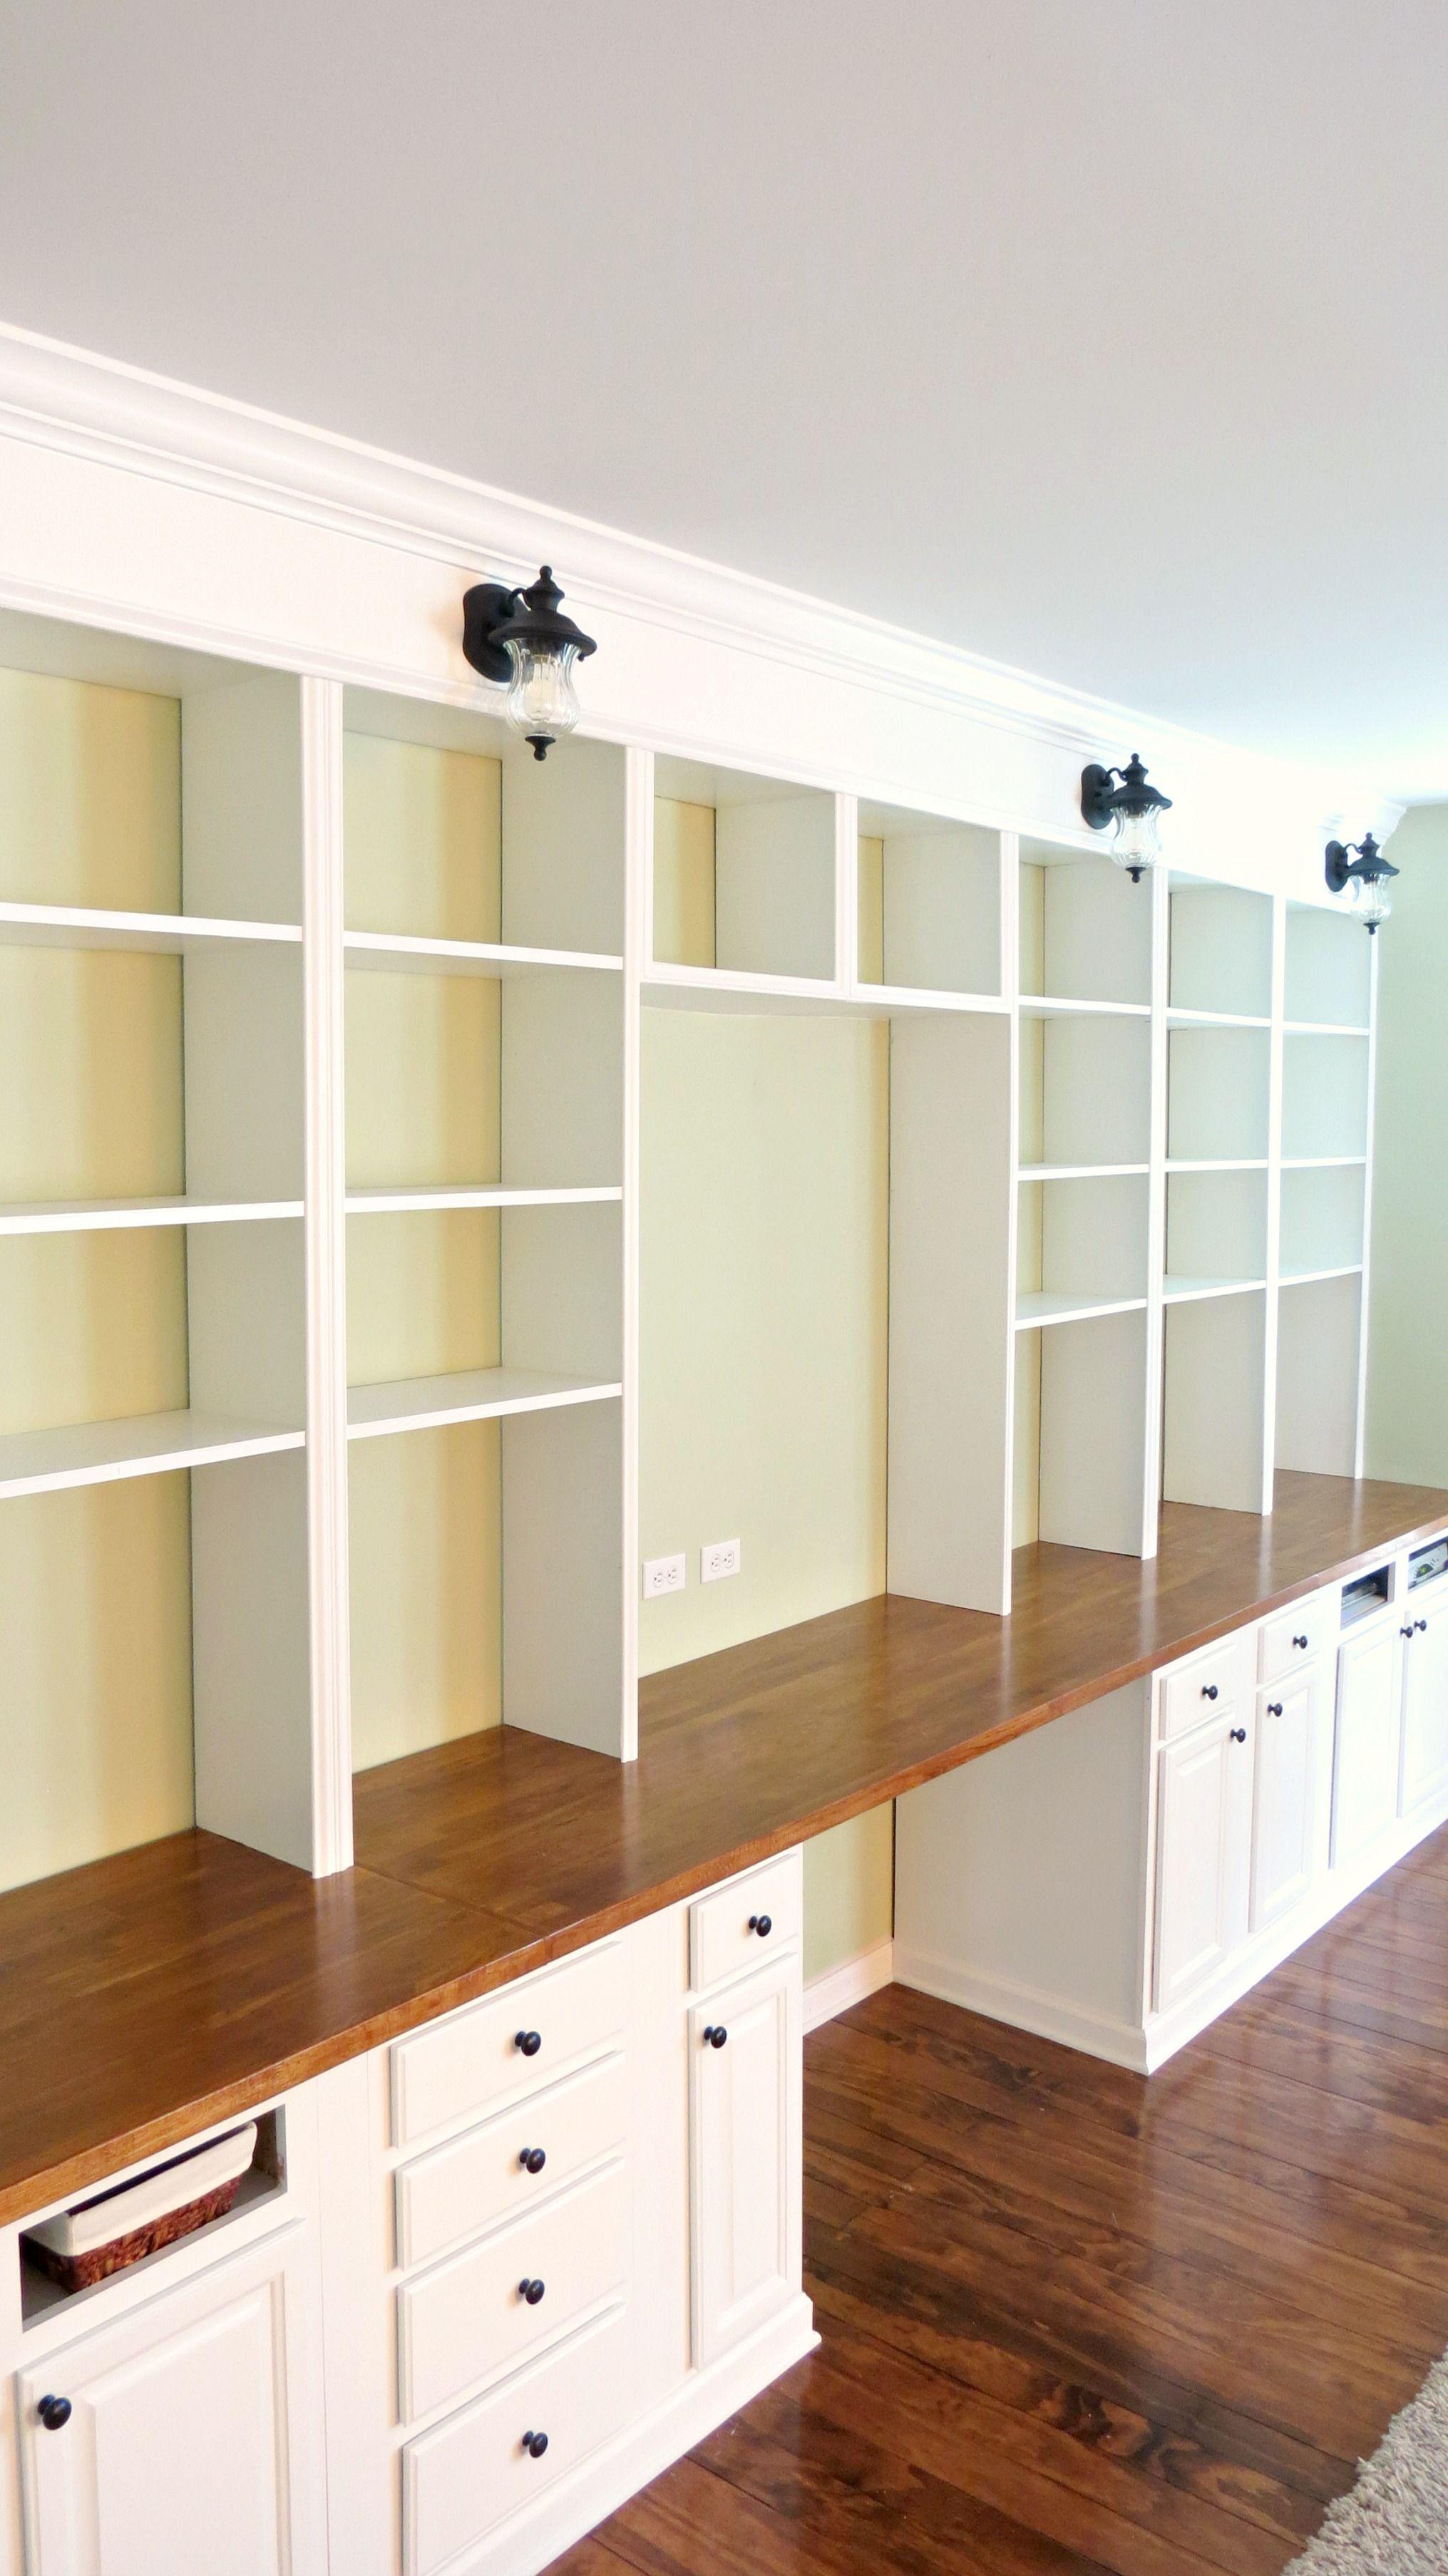 √ 20 Futuristic Modern puter Desk and Bookcase Design Ideas